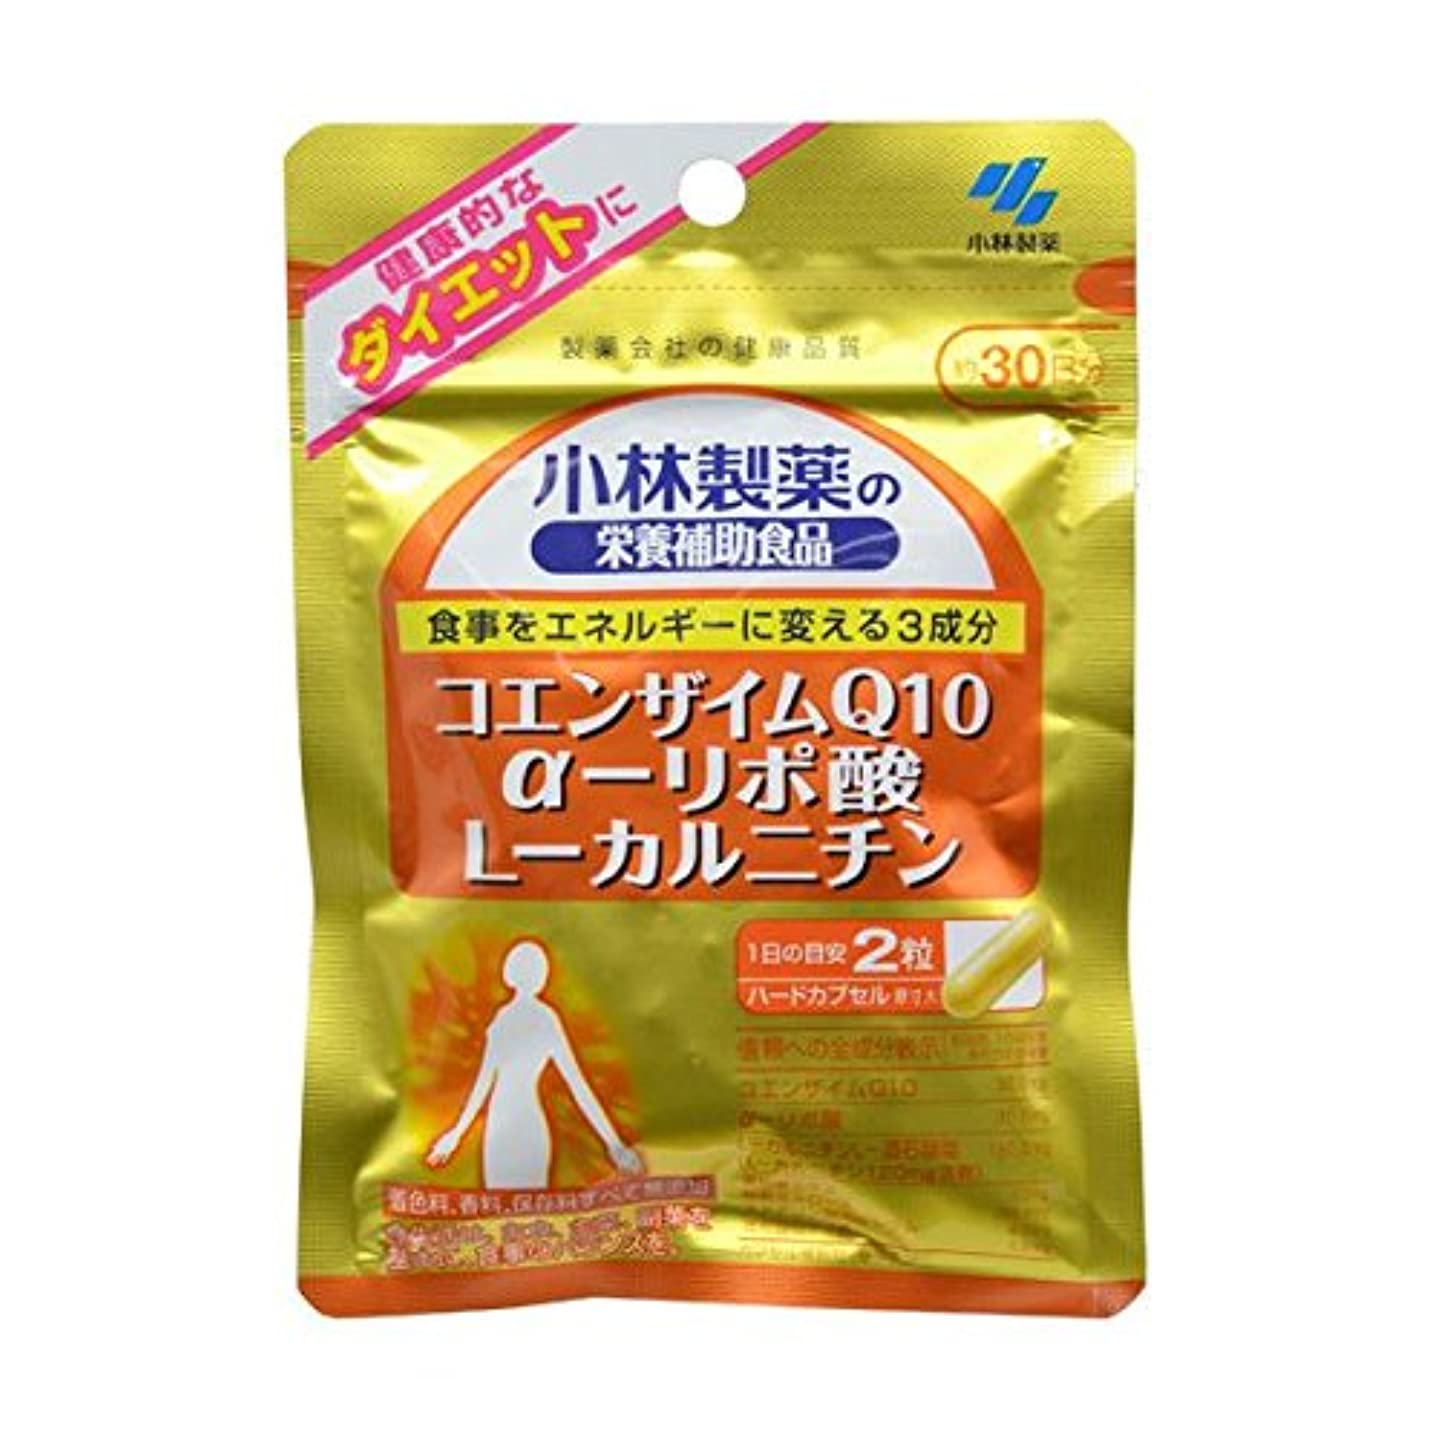 小林製薬 小林製薬の栄養補助食品コエンザイムQ10α-リポ酸L-カルニチン60粒×2